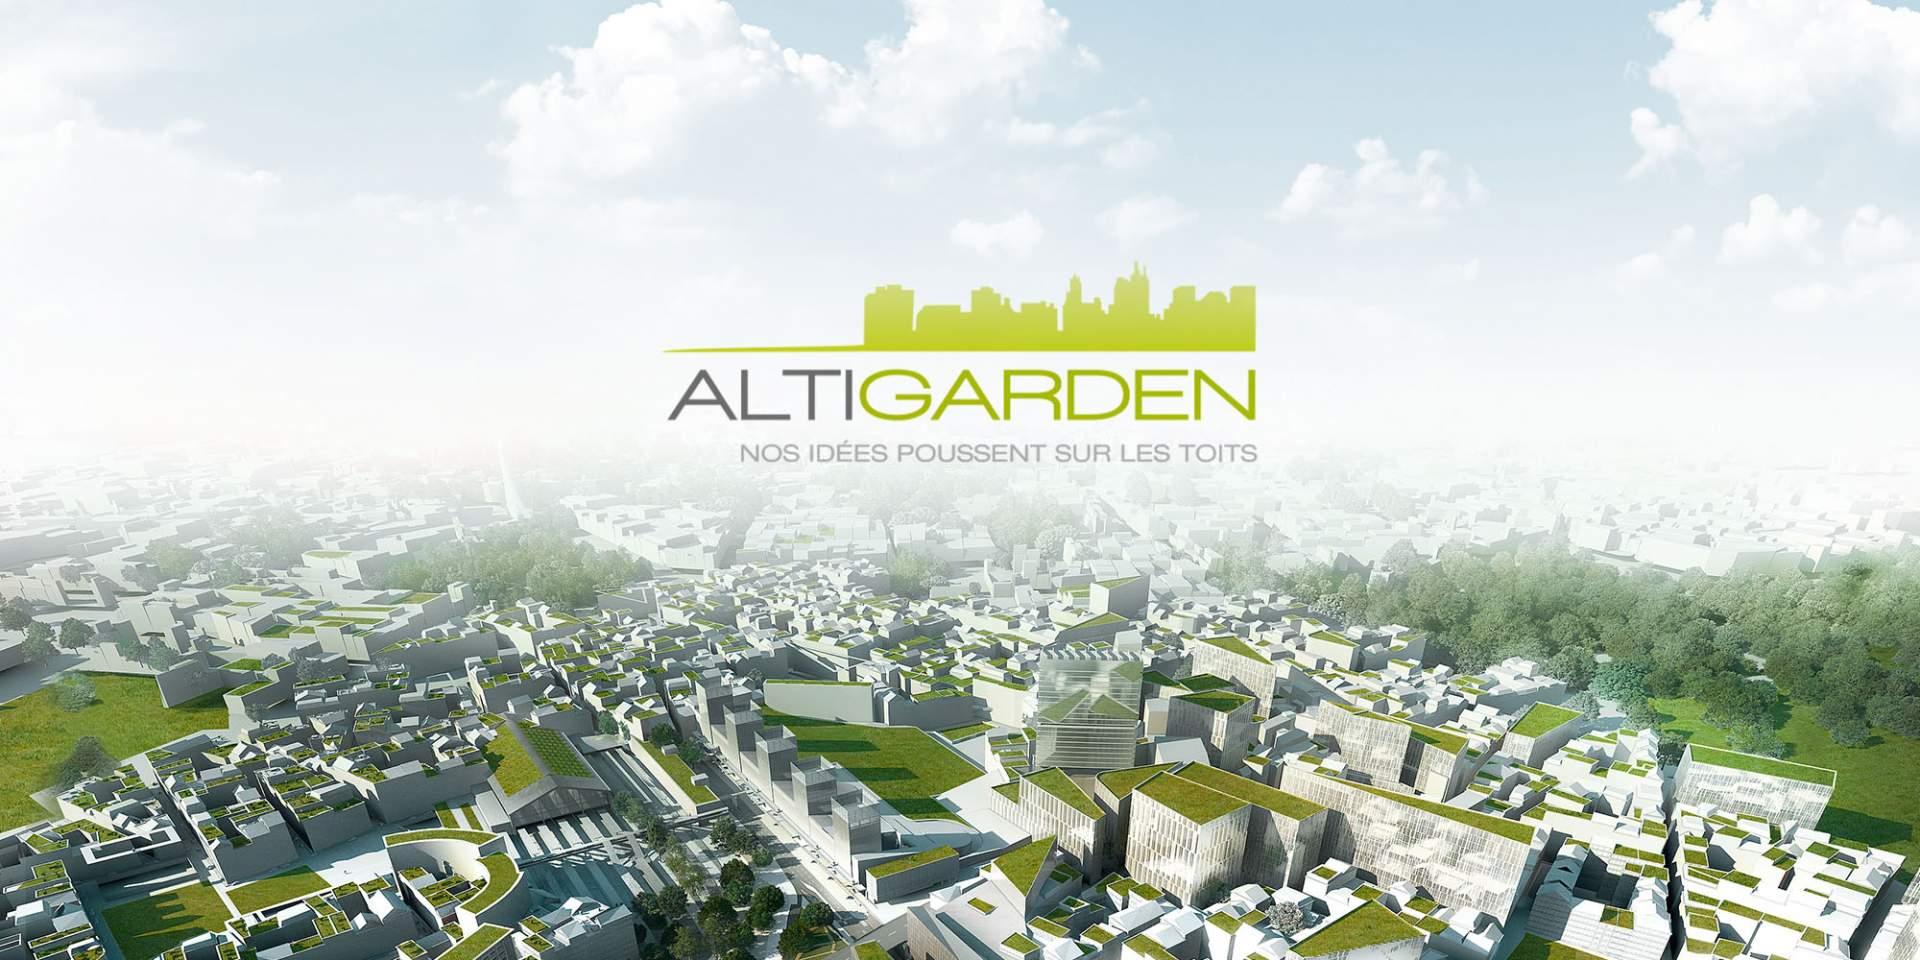 09-DA2 AGENCY-Altigarden 01